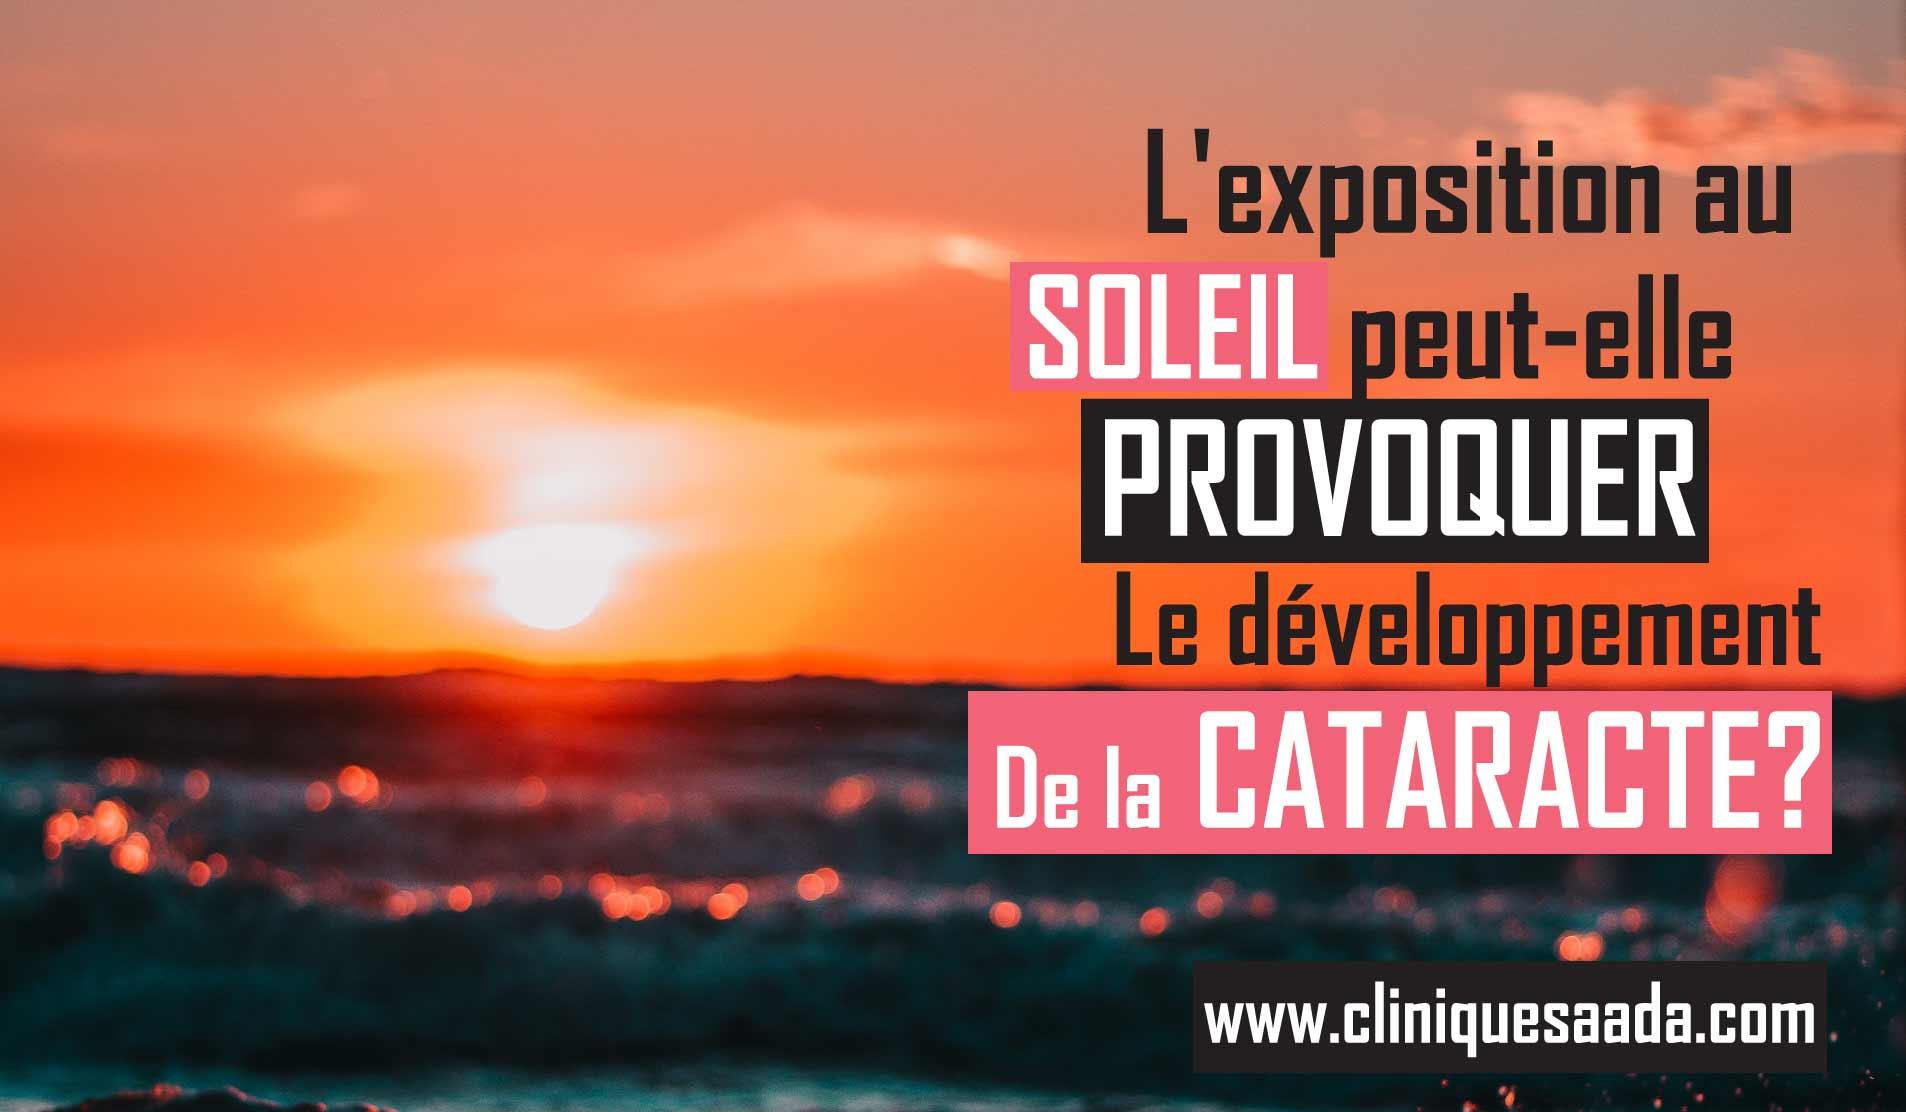 L'exposition au soleil peut-elle provoquer le développement de la cataracte? (Nos Conseils)